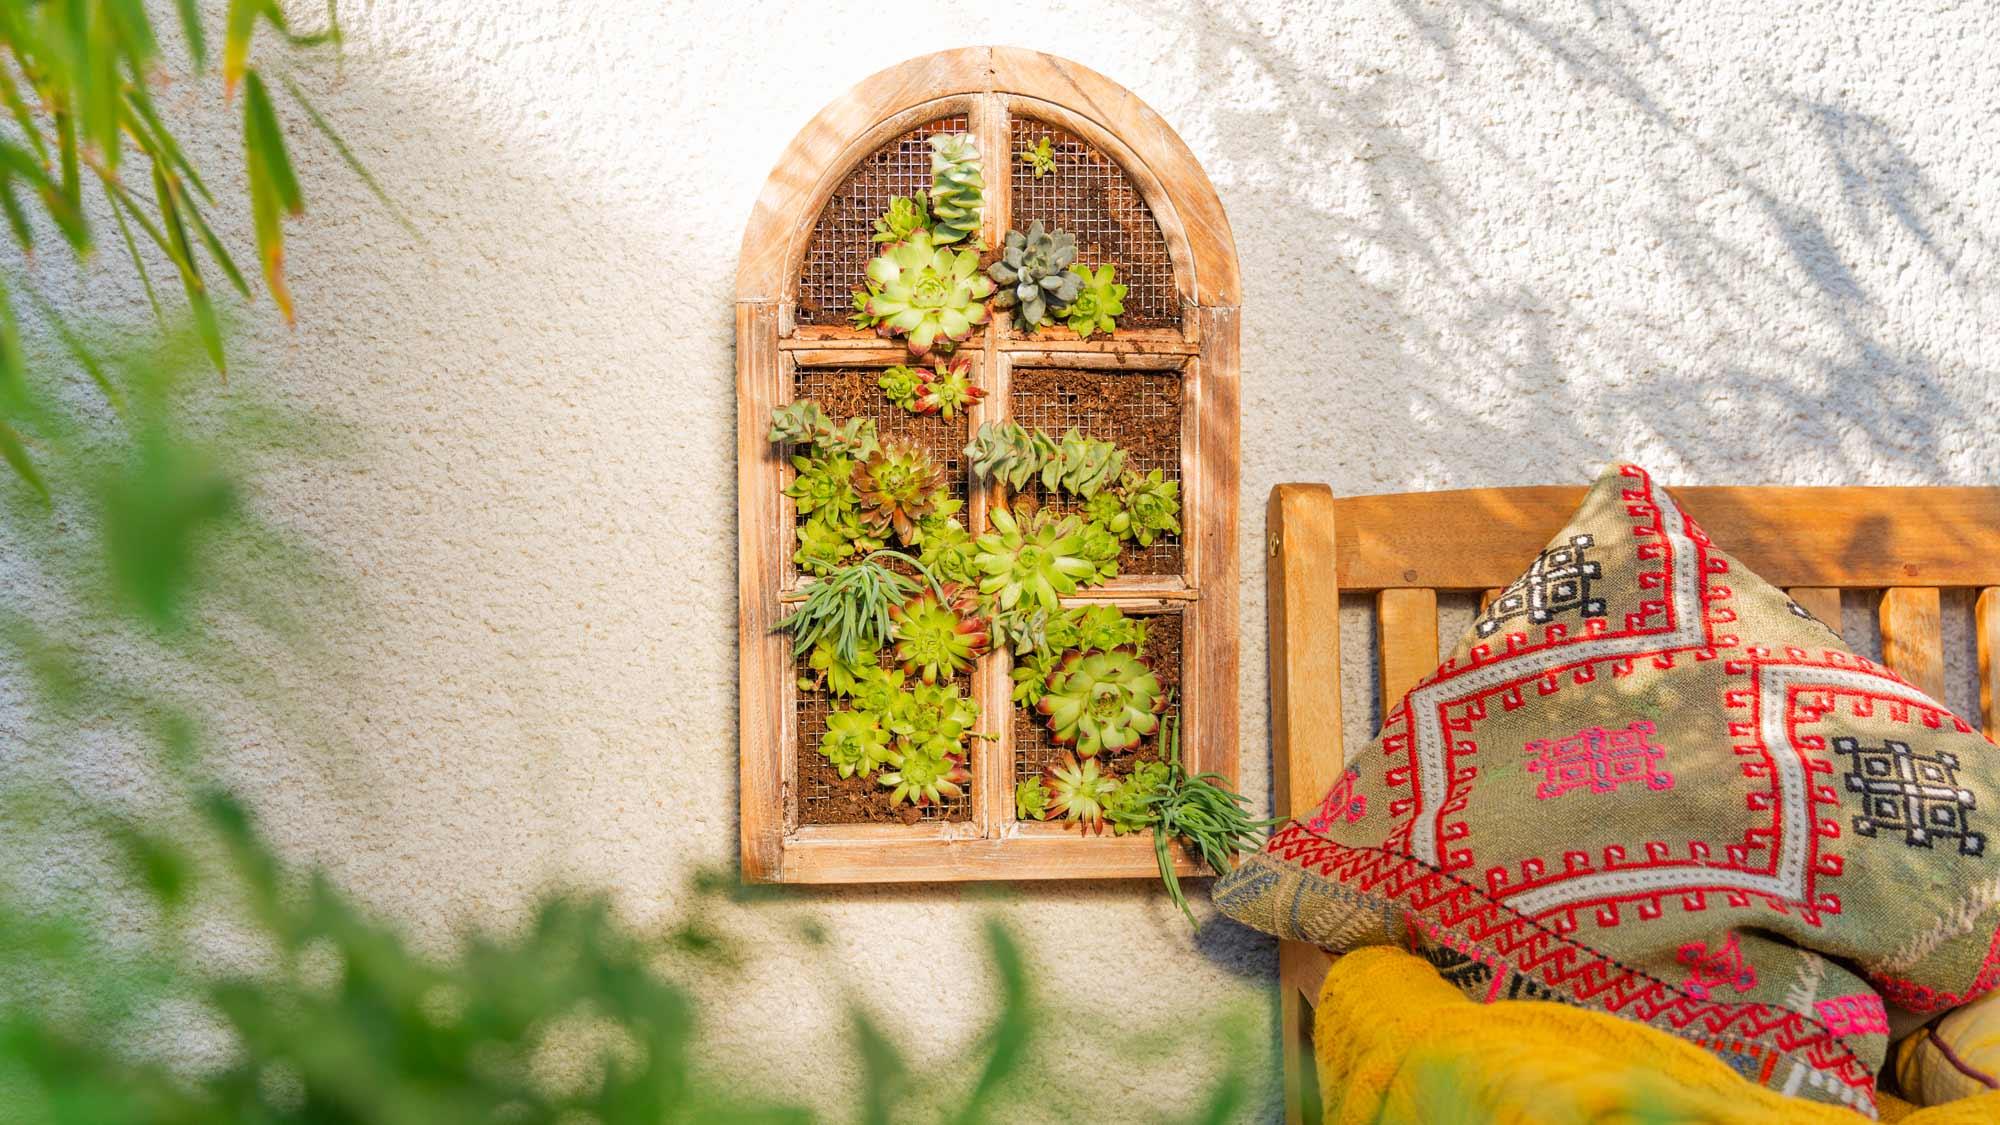 Giardino verticale fai da te | Realizzazione illustrata